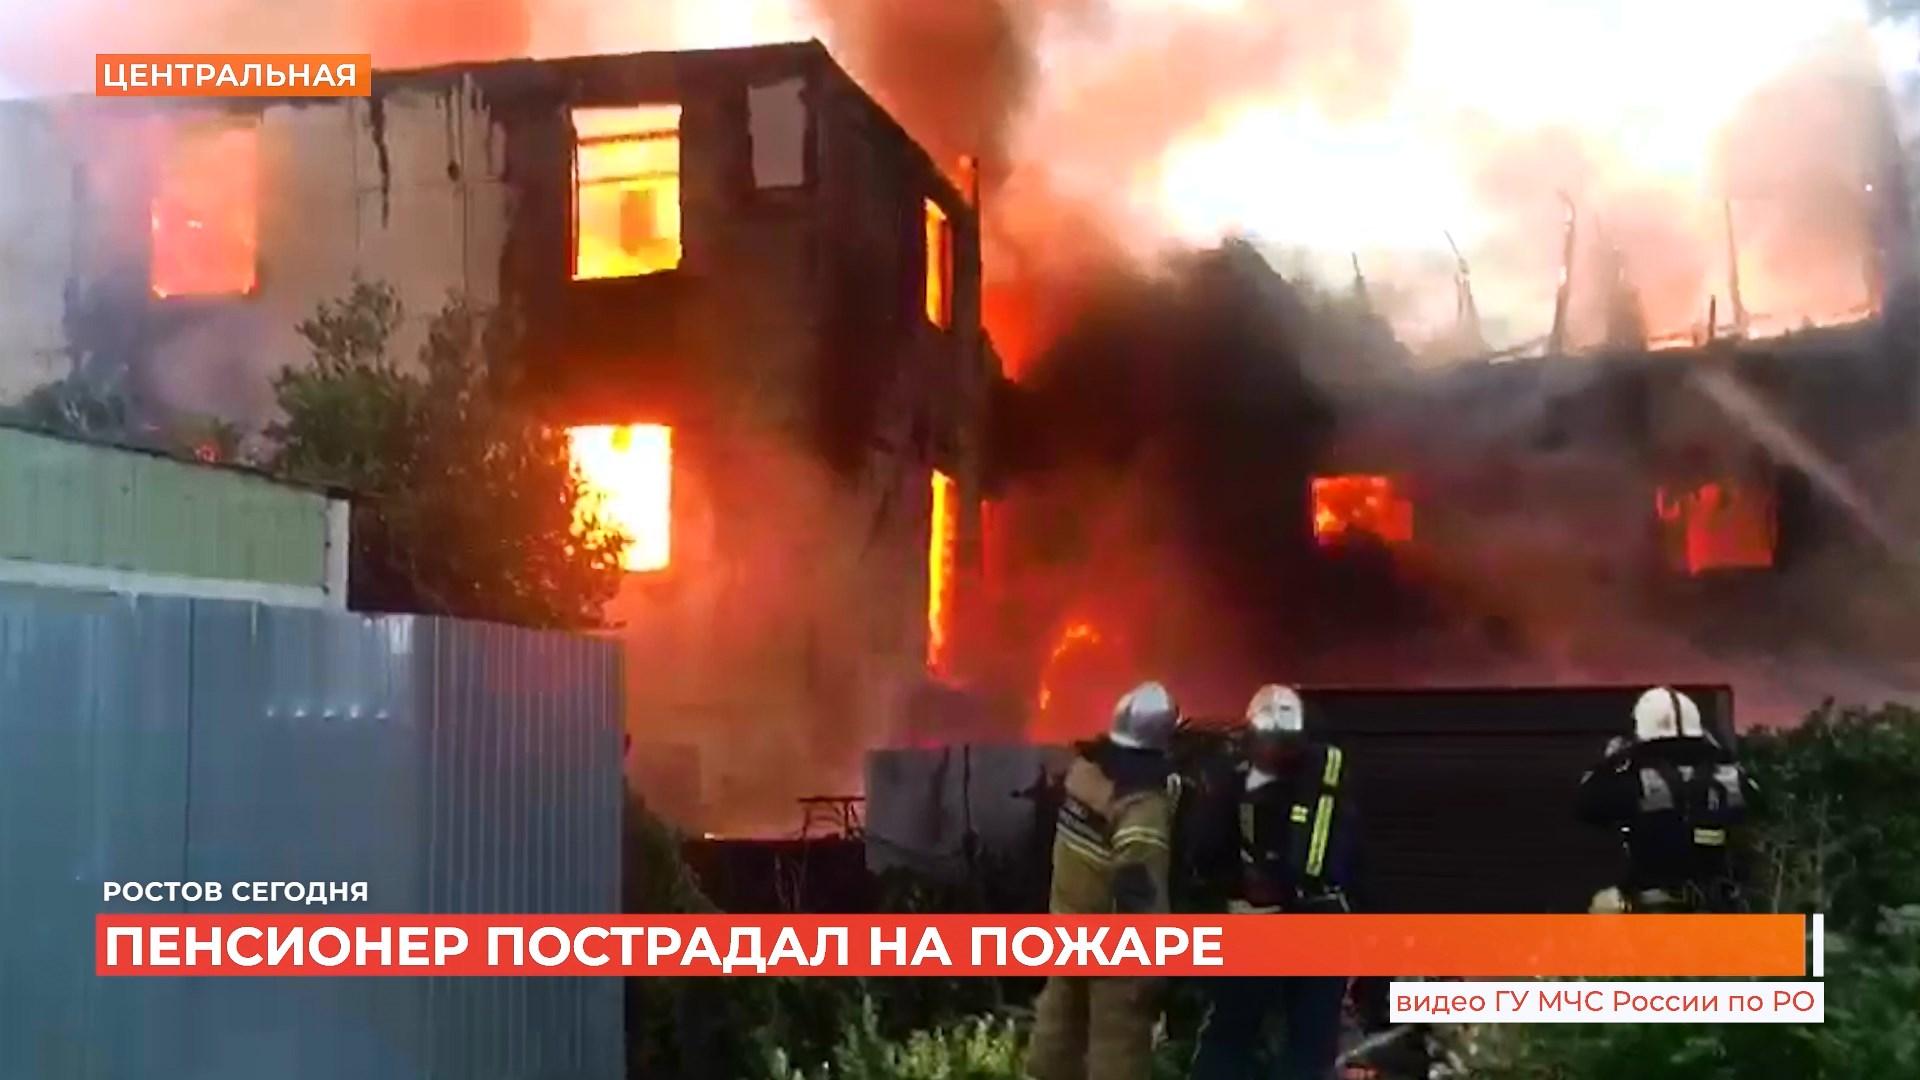 Ростов сегодня: дневной выпуск. 28 июля 2021